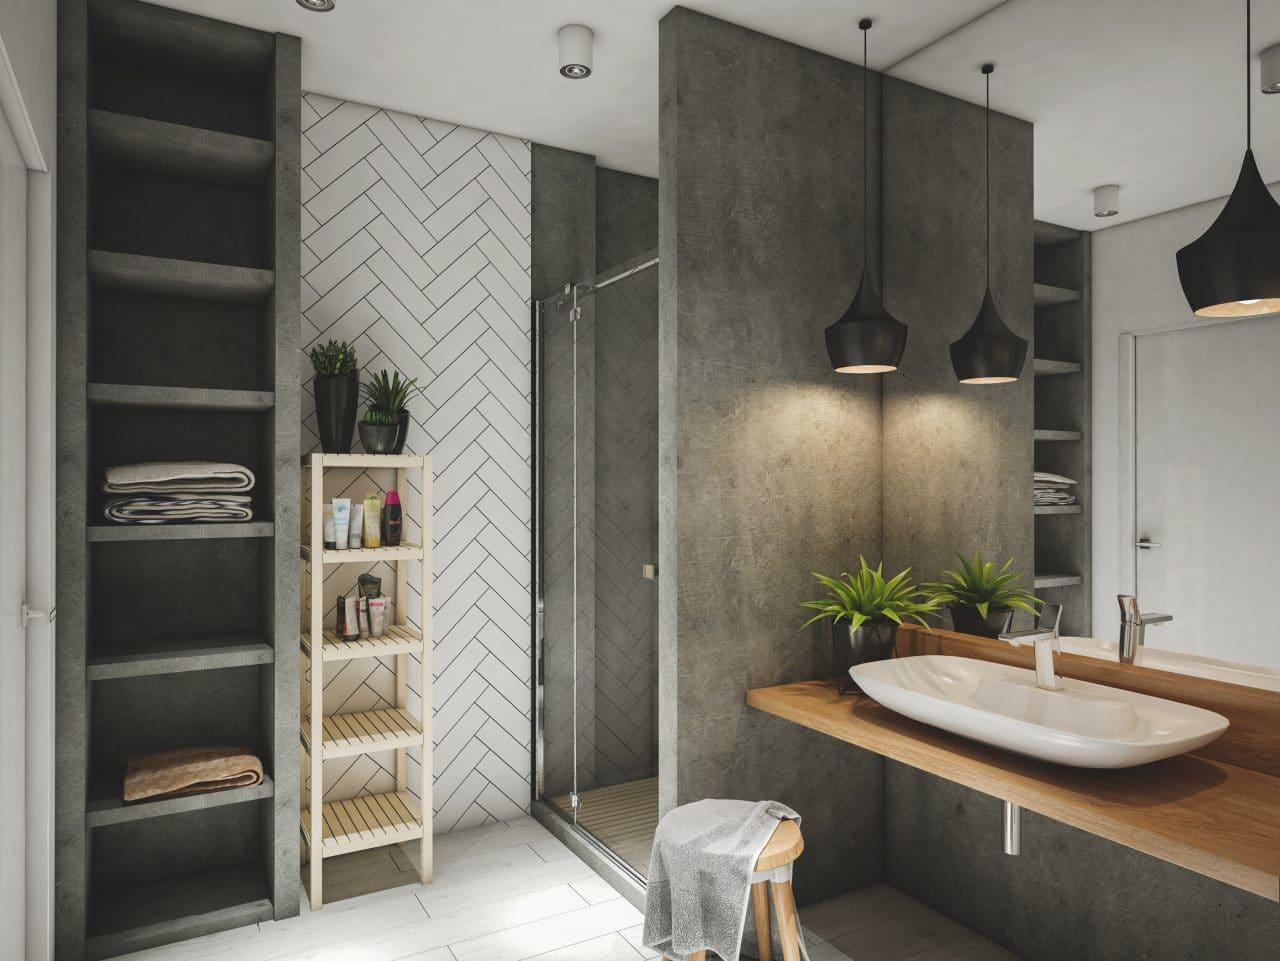 renovation maison perpignan : renovation salle de bain